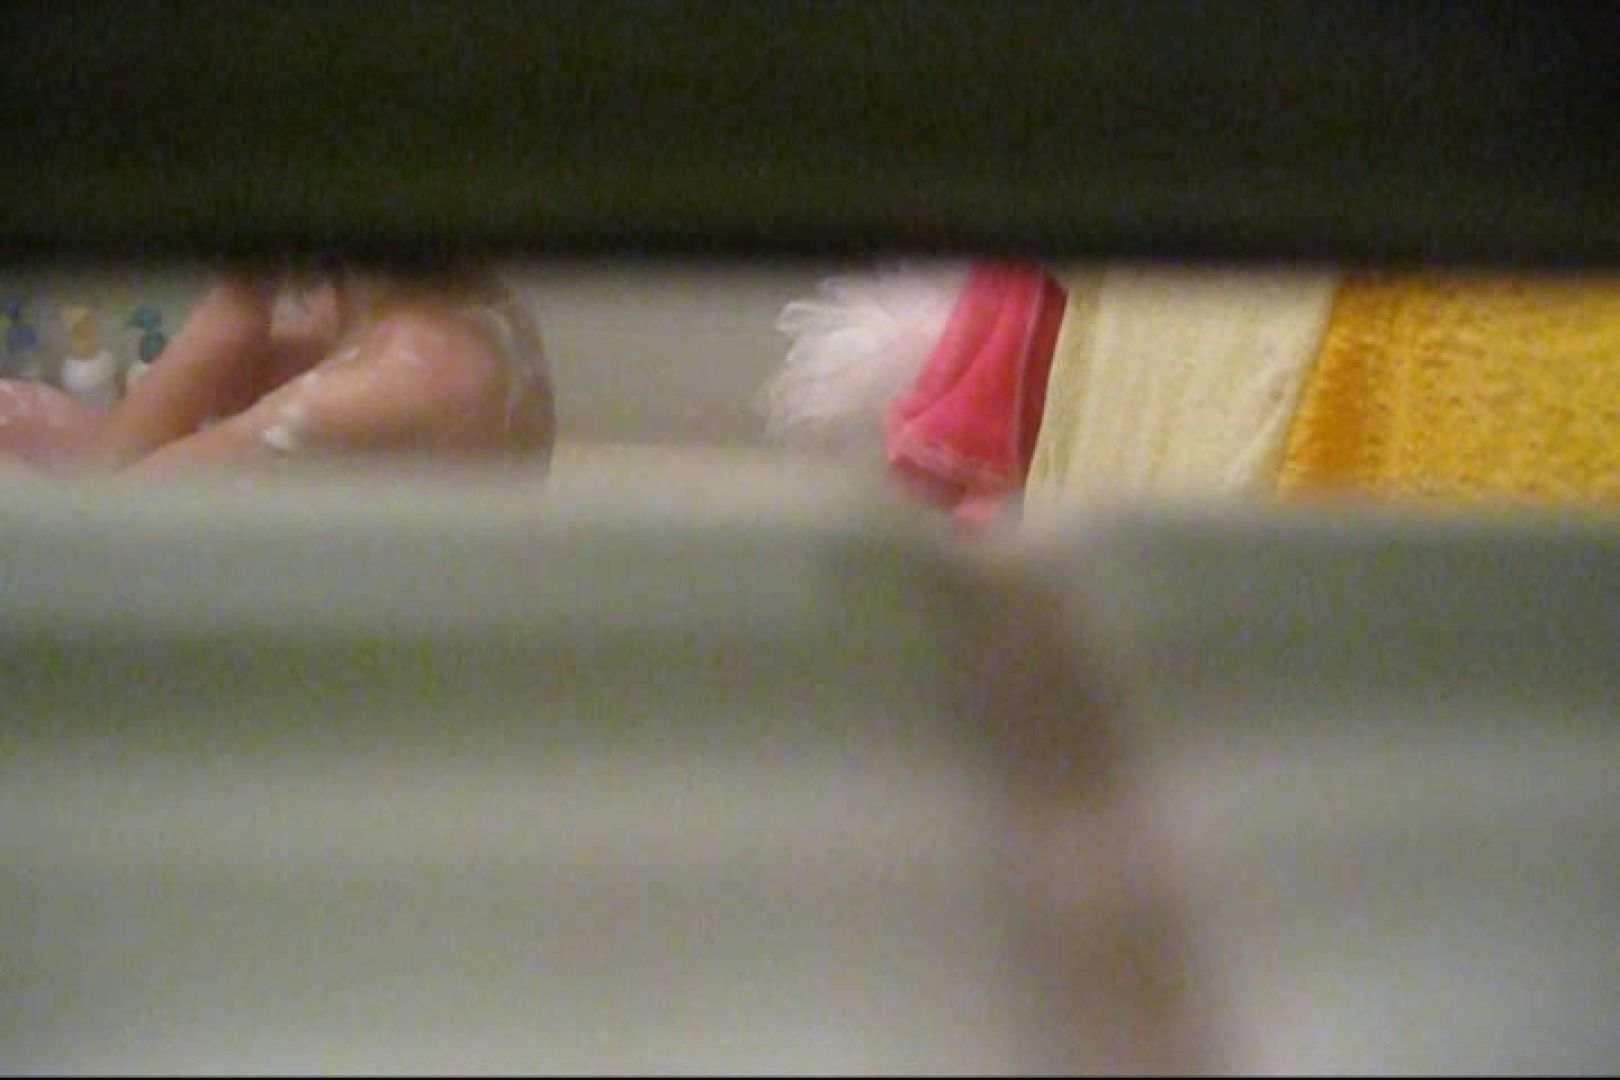 投稿者ハイロスさんのドキドキ覗き主観!VOL.01(一般女性5名 民家浴場編) 民家 ヌード画像 92連発 79